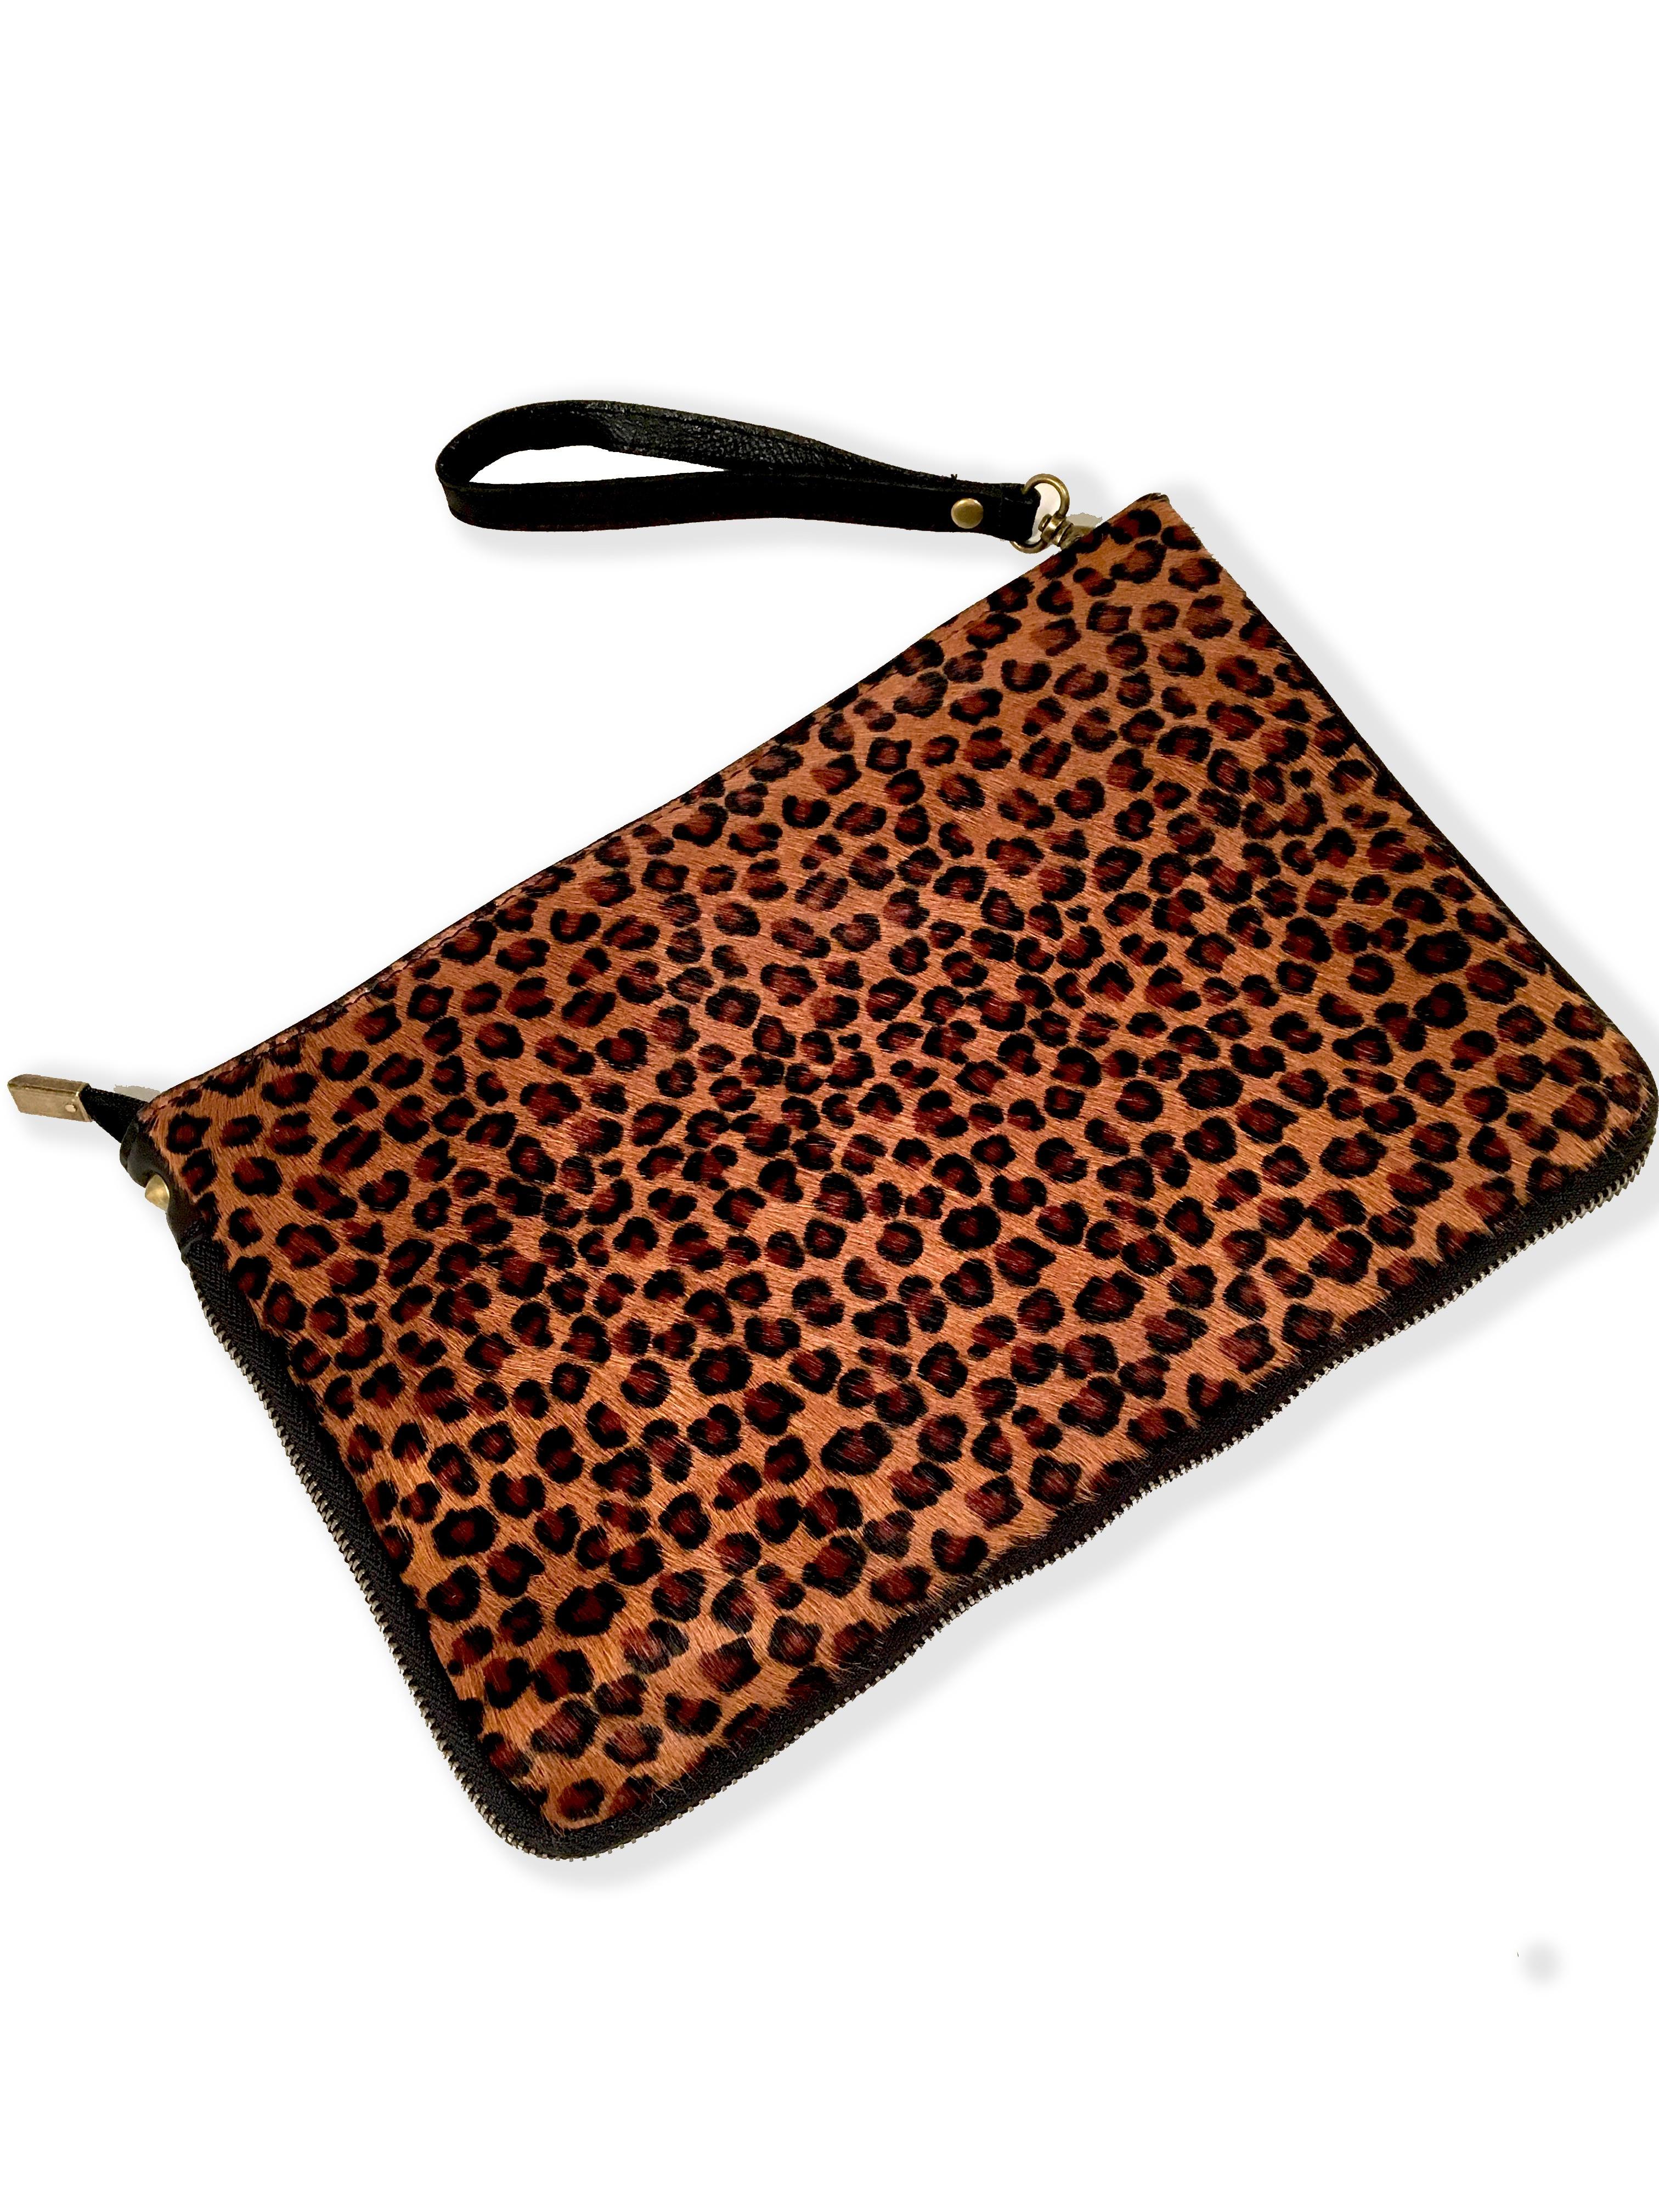 diseño de calidad 2958f 0f499 Bolsos de Mano de Piel de Potro- Efecto Leopardo | Bolsos de Dia y Bolsos